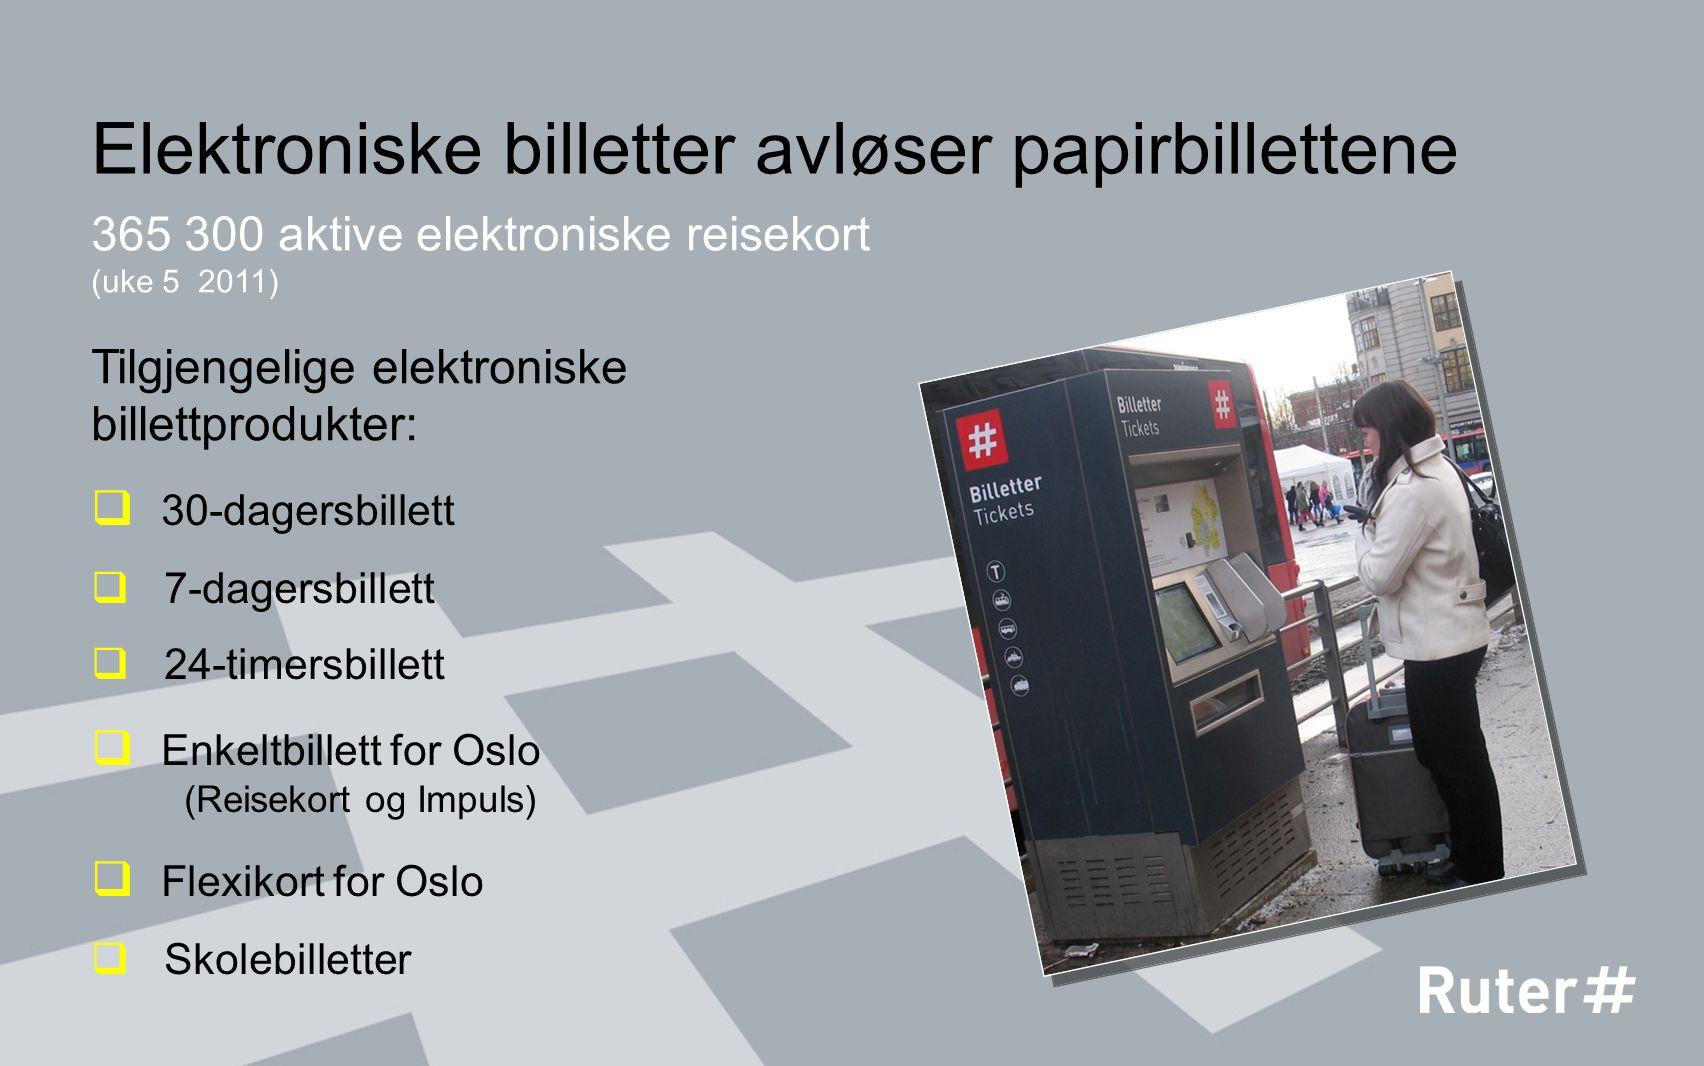 Elektroniske billetter avløser papirbillettene 365 300 aktive elektroniske reisekort (uke 5 2011) Tilgjengelige elektroniske billettprodukter:  30-dagersbillett  7-dagersbillett  24-timersbillett  Enkeltbillett for Oslo (Reisekort og Impuls)  Flexikort for Oslo  Skolebilletter